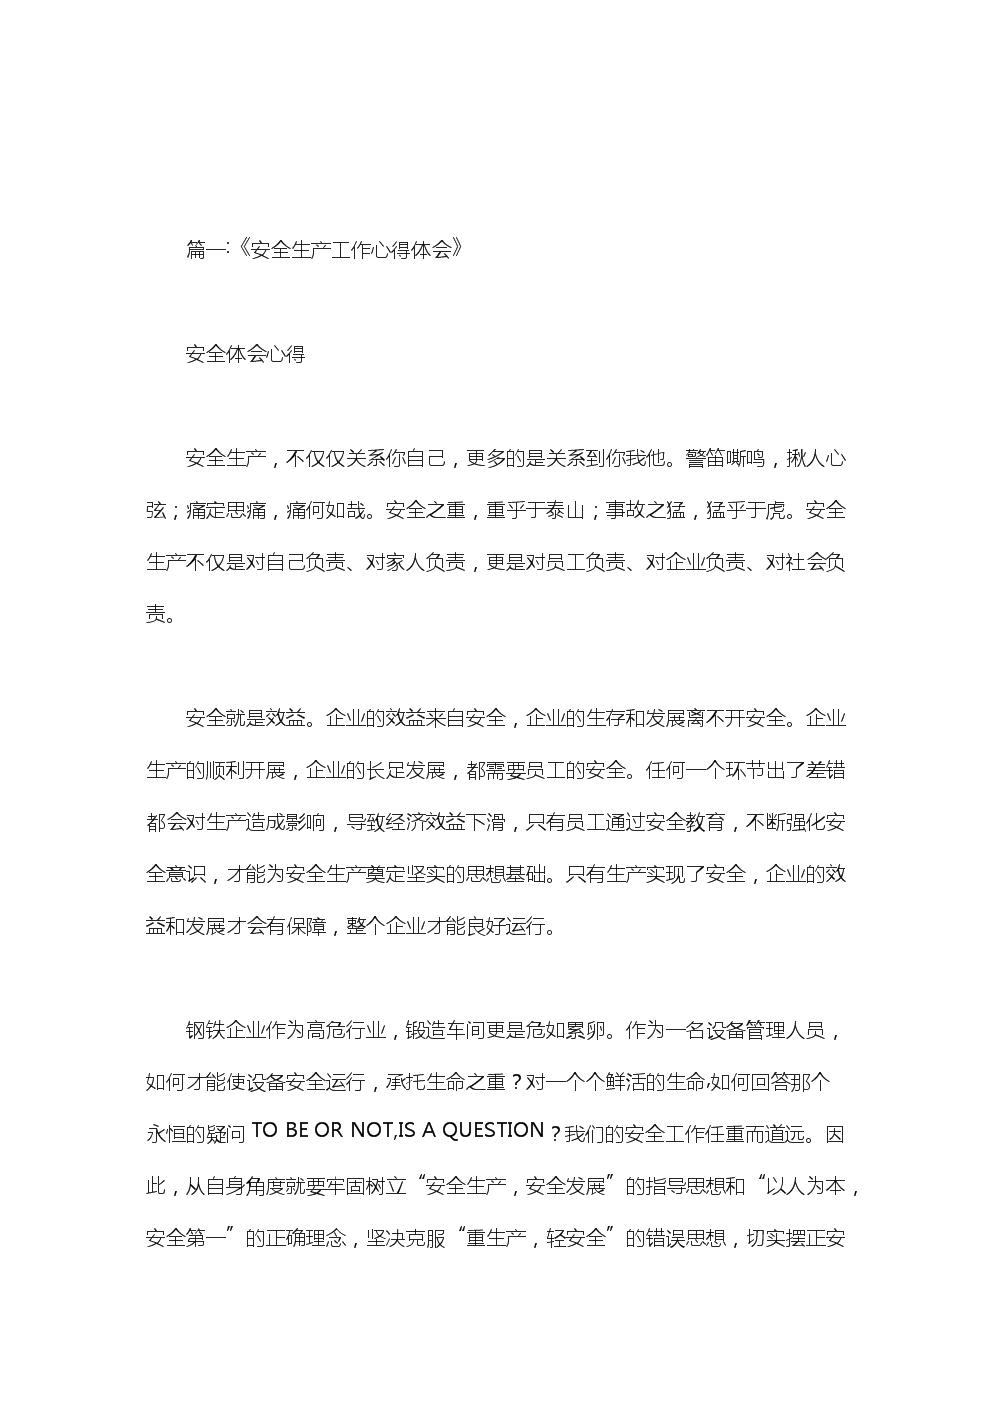 安全生产培训小结.doc